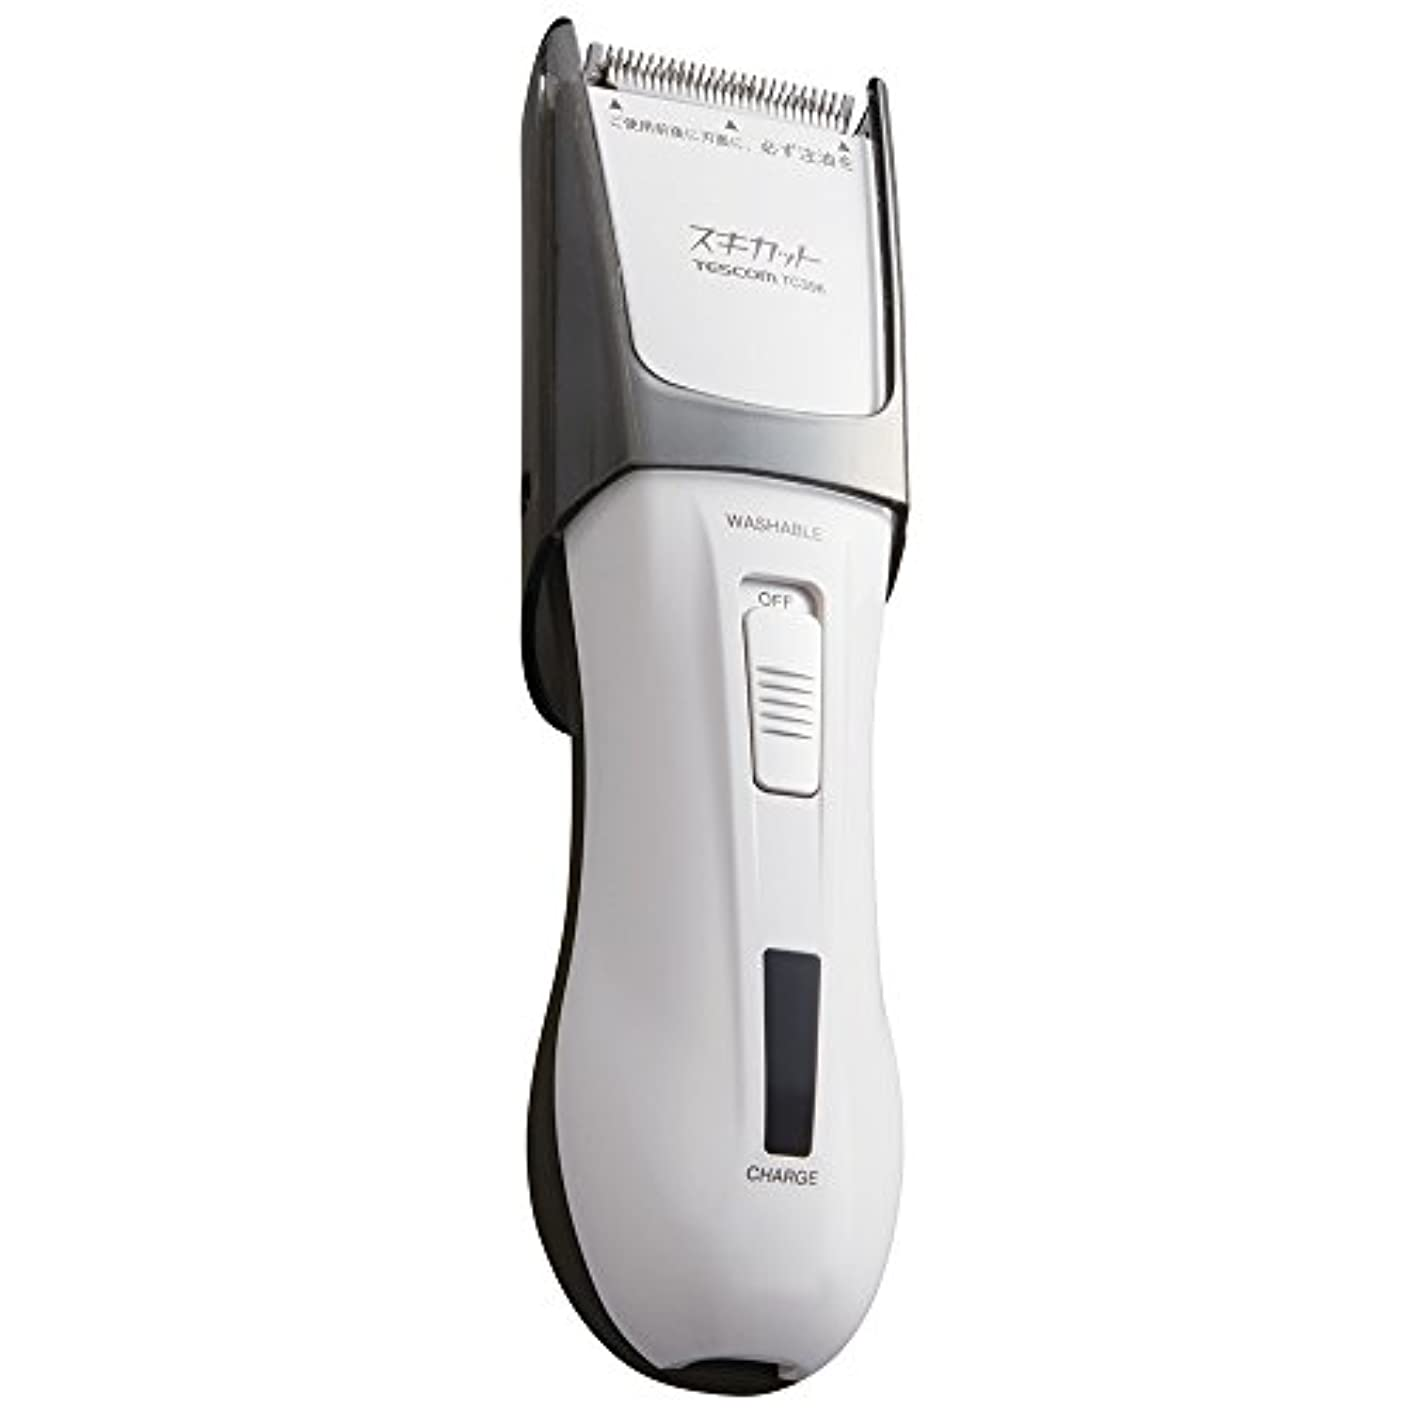 滑りやすい批評マウスピースTESCOM スキカット 電気バリカン ホワイト TC396-W